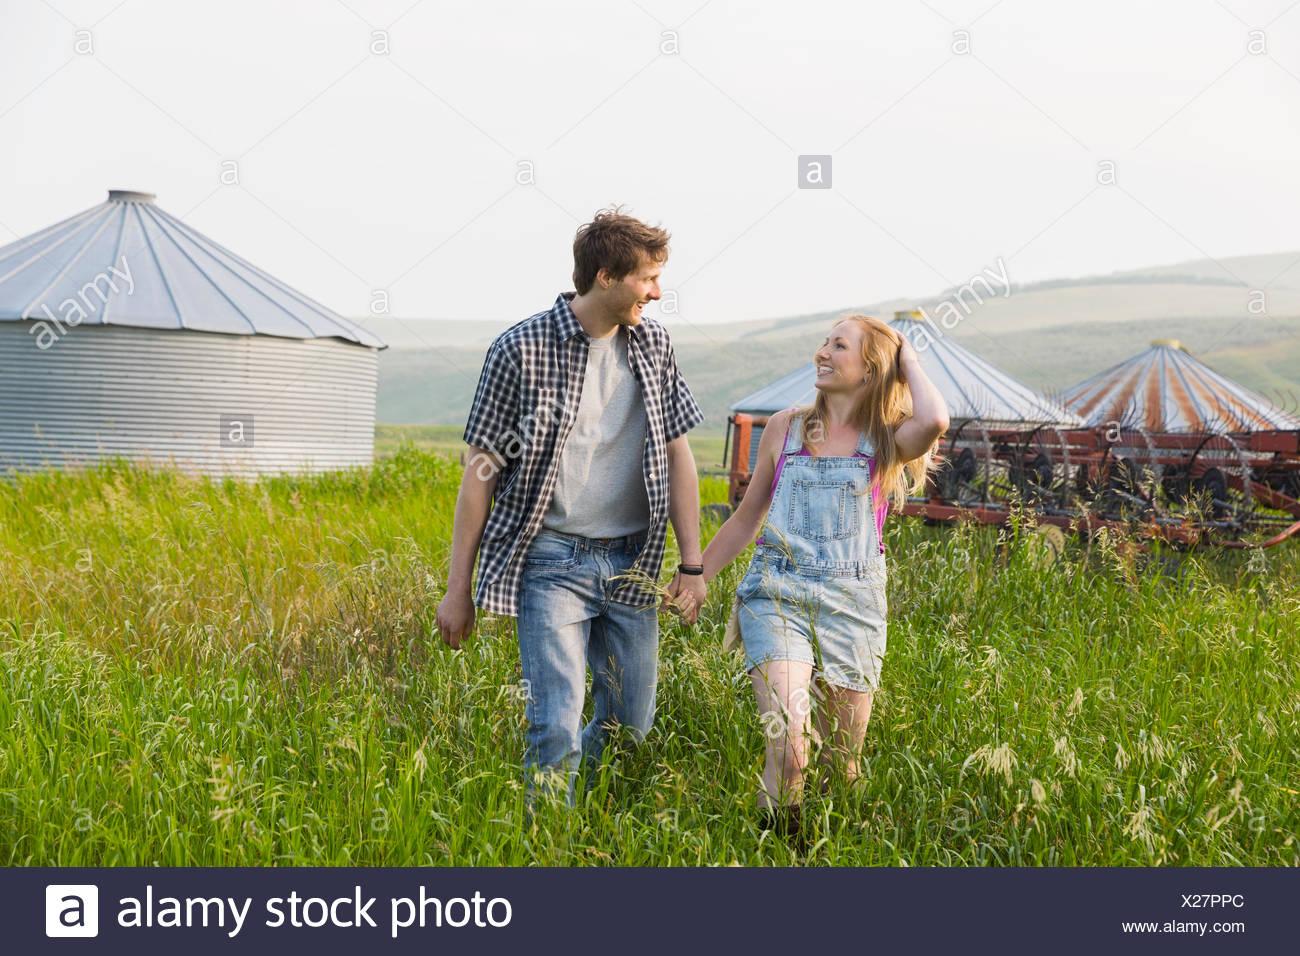 Pareja tomados de la mano y caminar en el ámbito rural Imagen De Stock